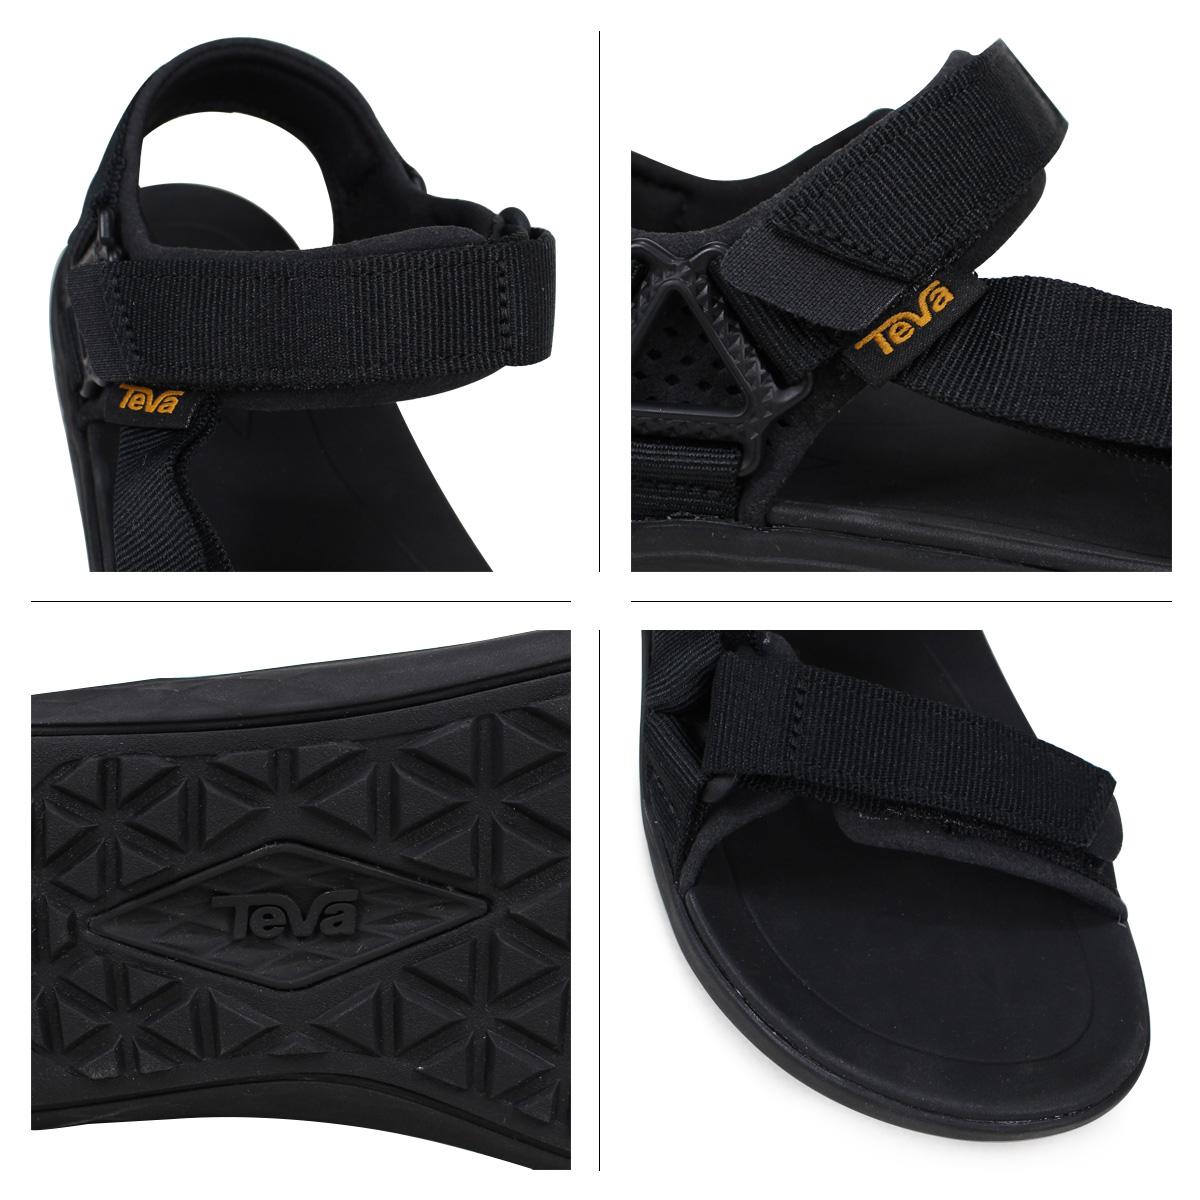 195a02638 Teva TERRA-FLOAT 2 UNIVERSAL Teva sandals Lady s terra float 2 universal  black 1091333  4 18 Shinnyu load   184